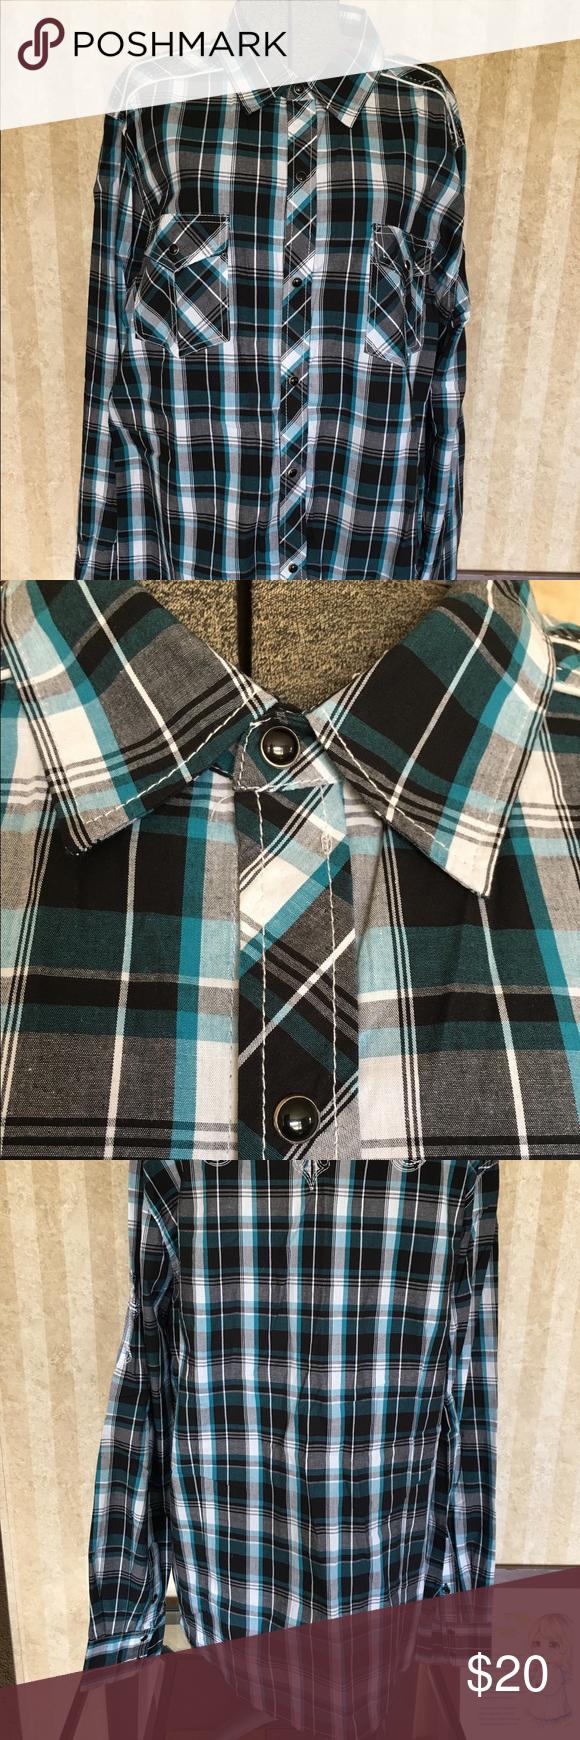 Flannel shirt black  Pop Icon Clothing plaid shirt  Icon clothing Cross designs and Plaid